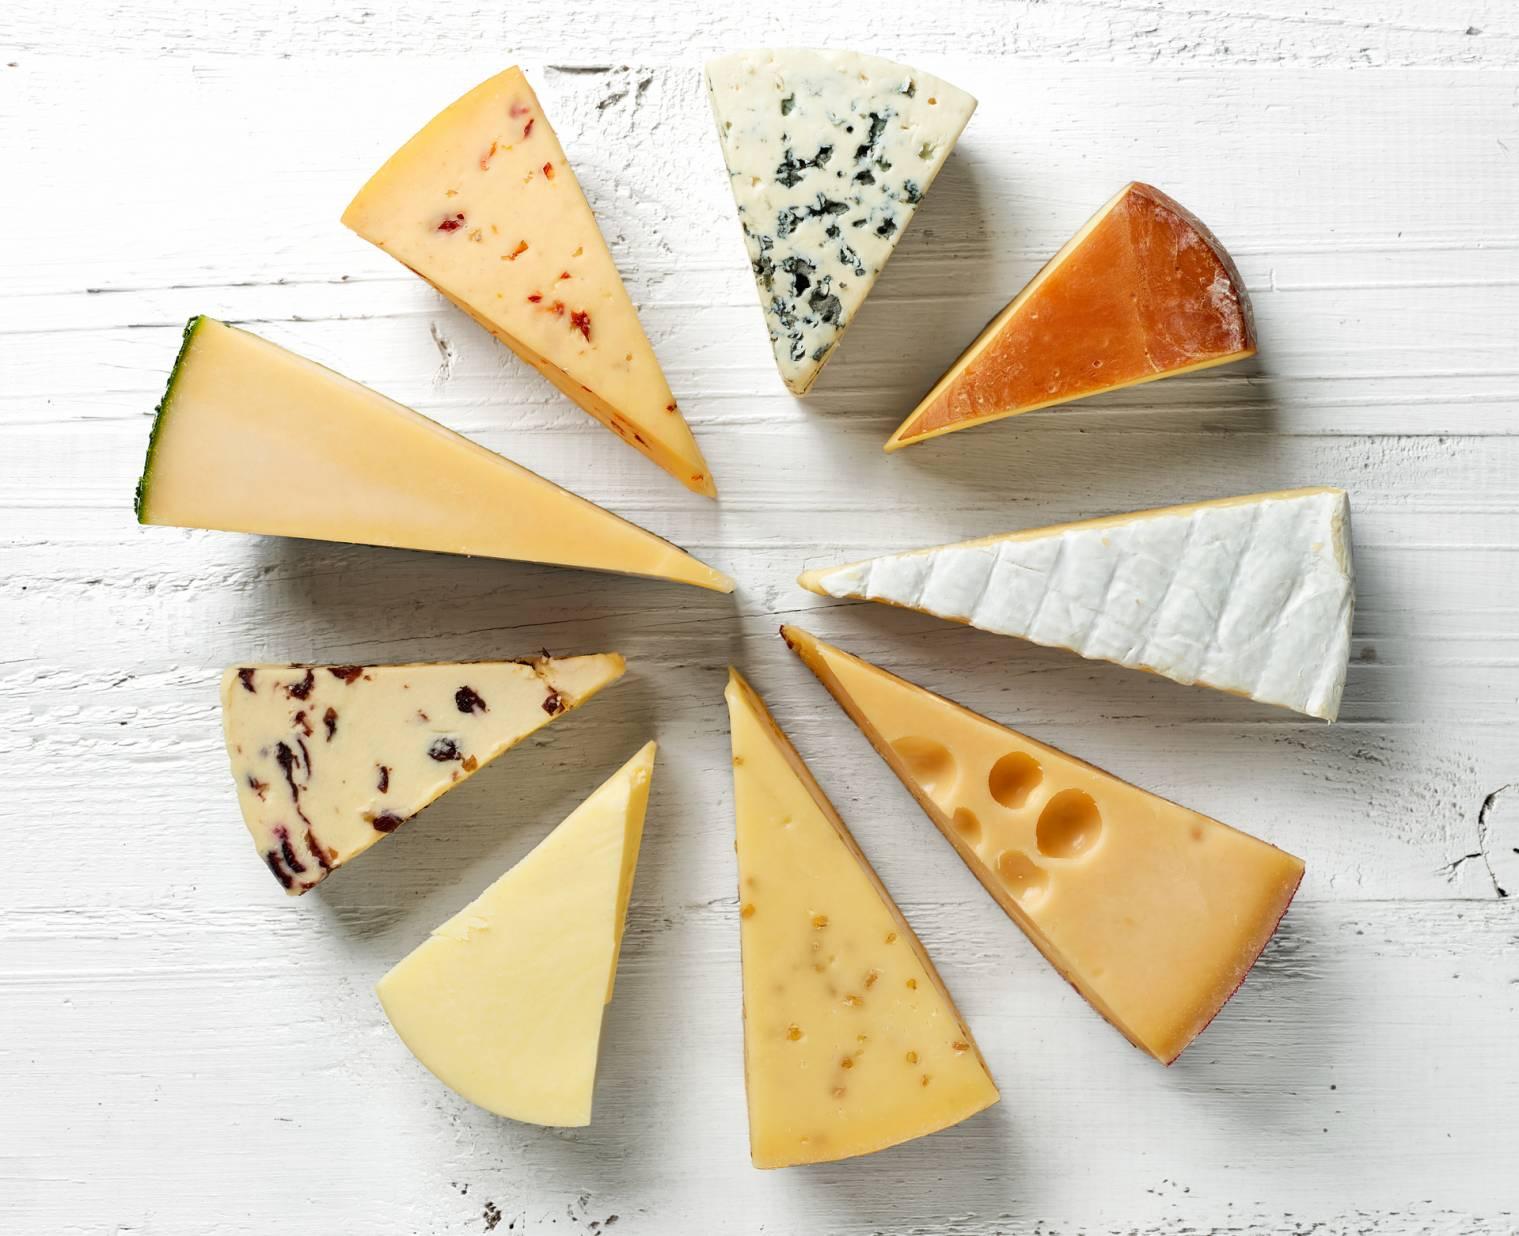 comment decouper le fromage